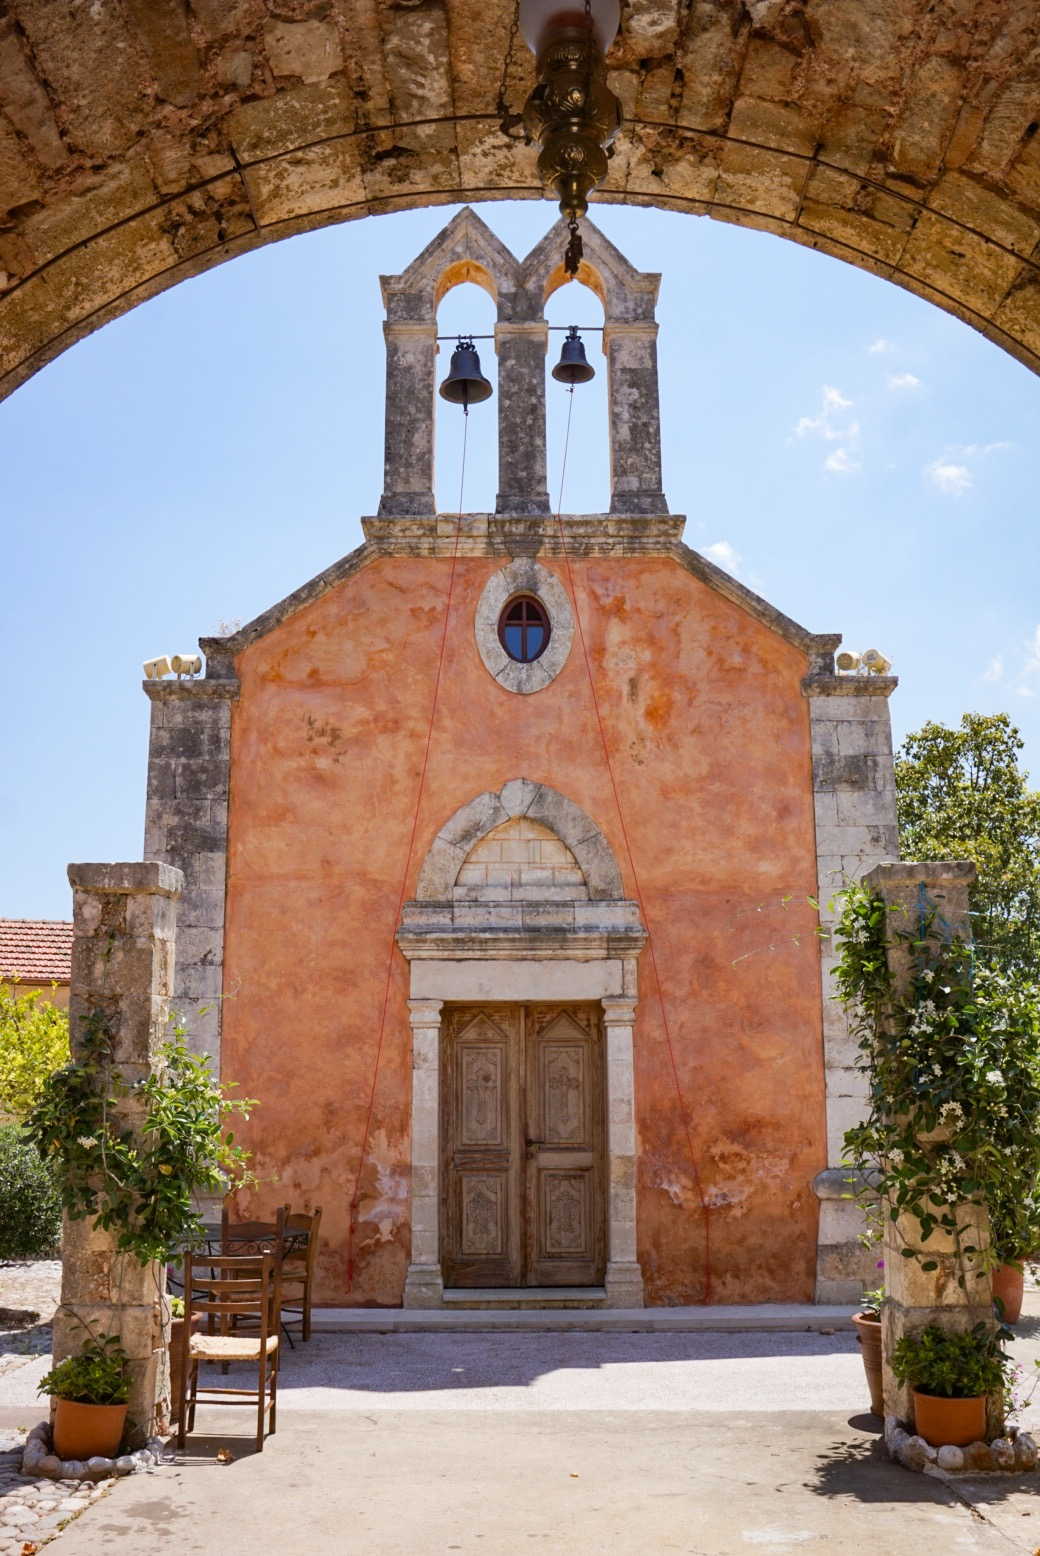 Pyhän Yrjön luostari, Apokoronas